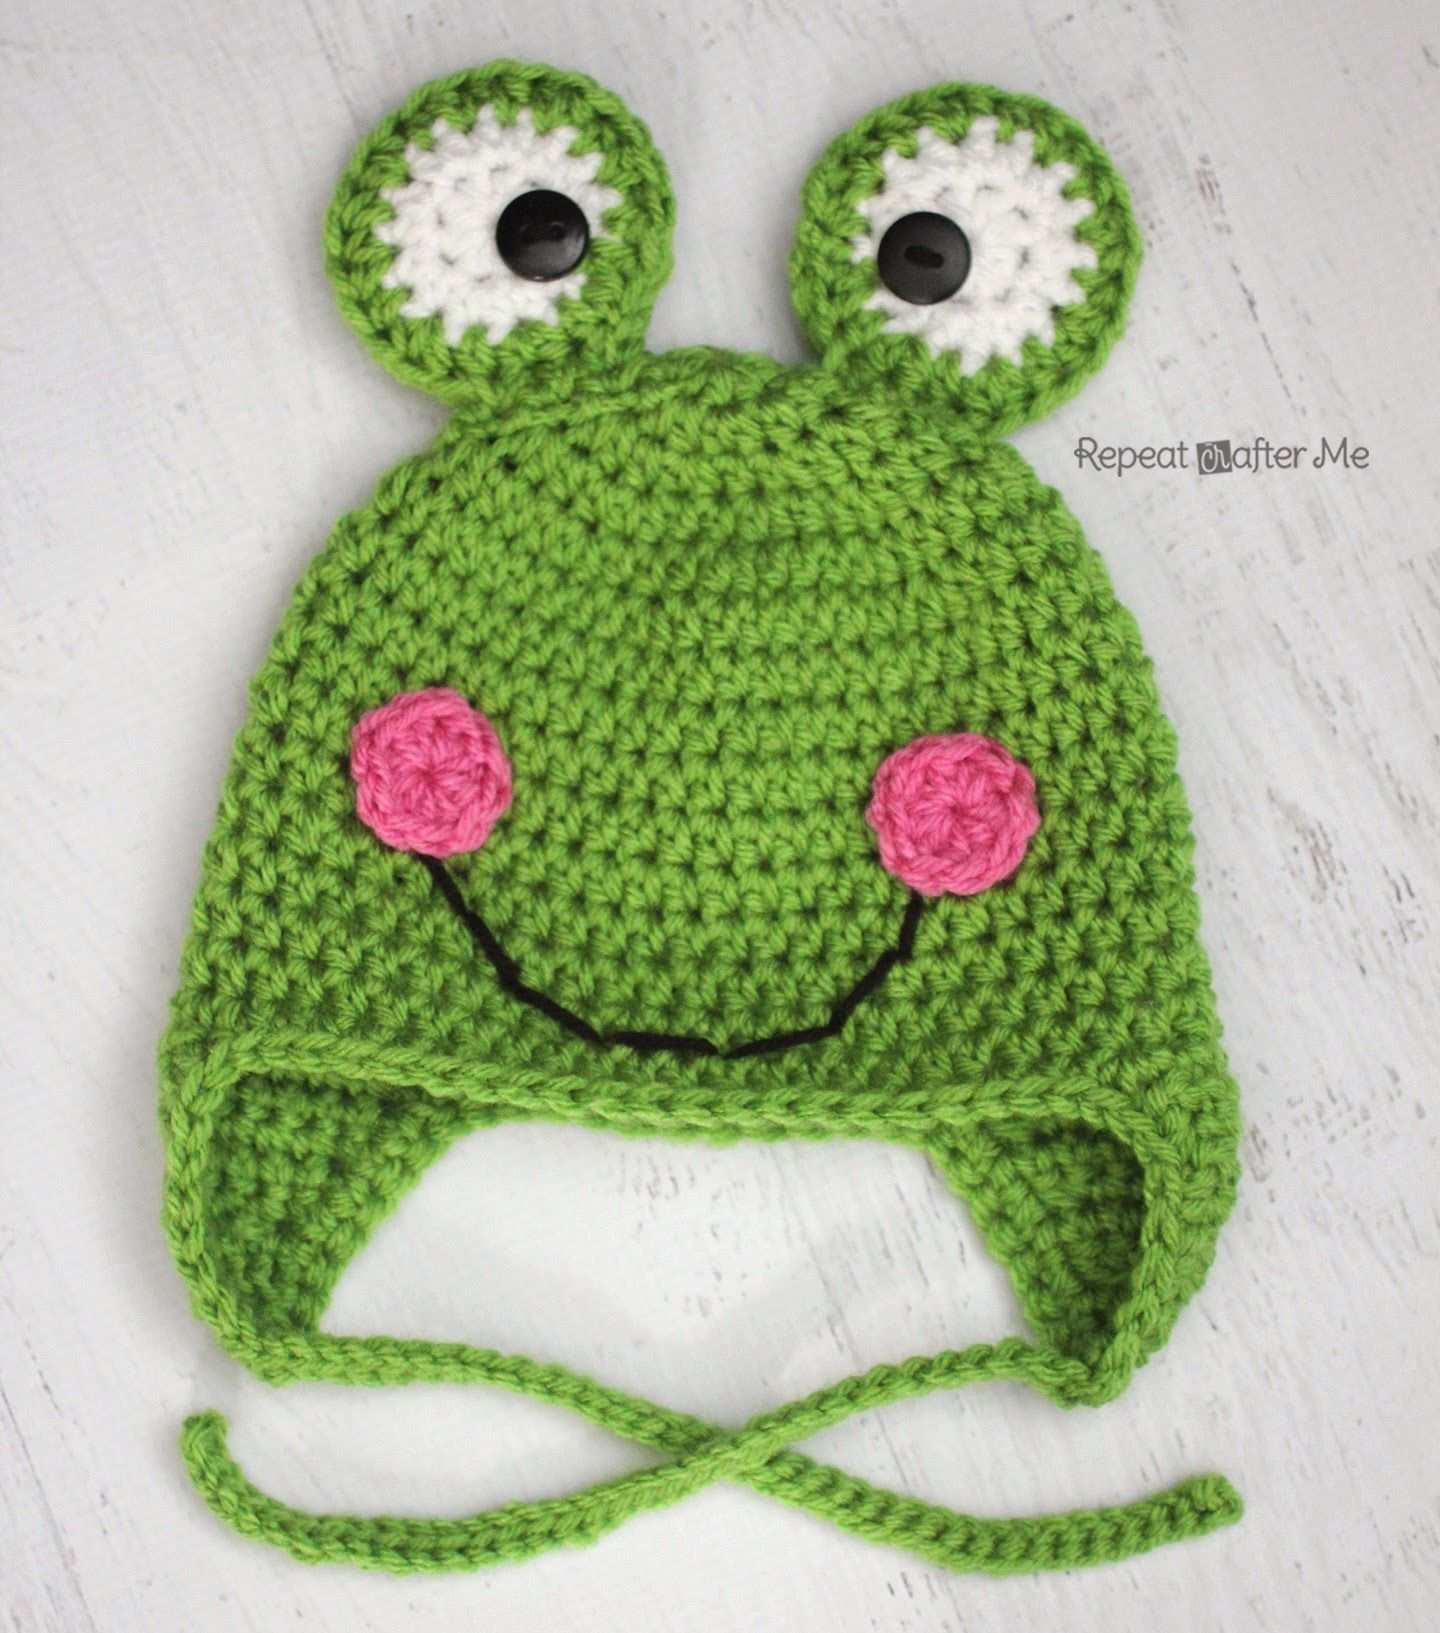 Crochet Frog Hat Pattern Repeat Crafter Me Kinder Mutze Hakeln Haube Hakeln Mutze Hakeln